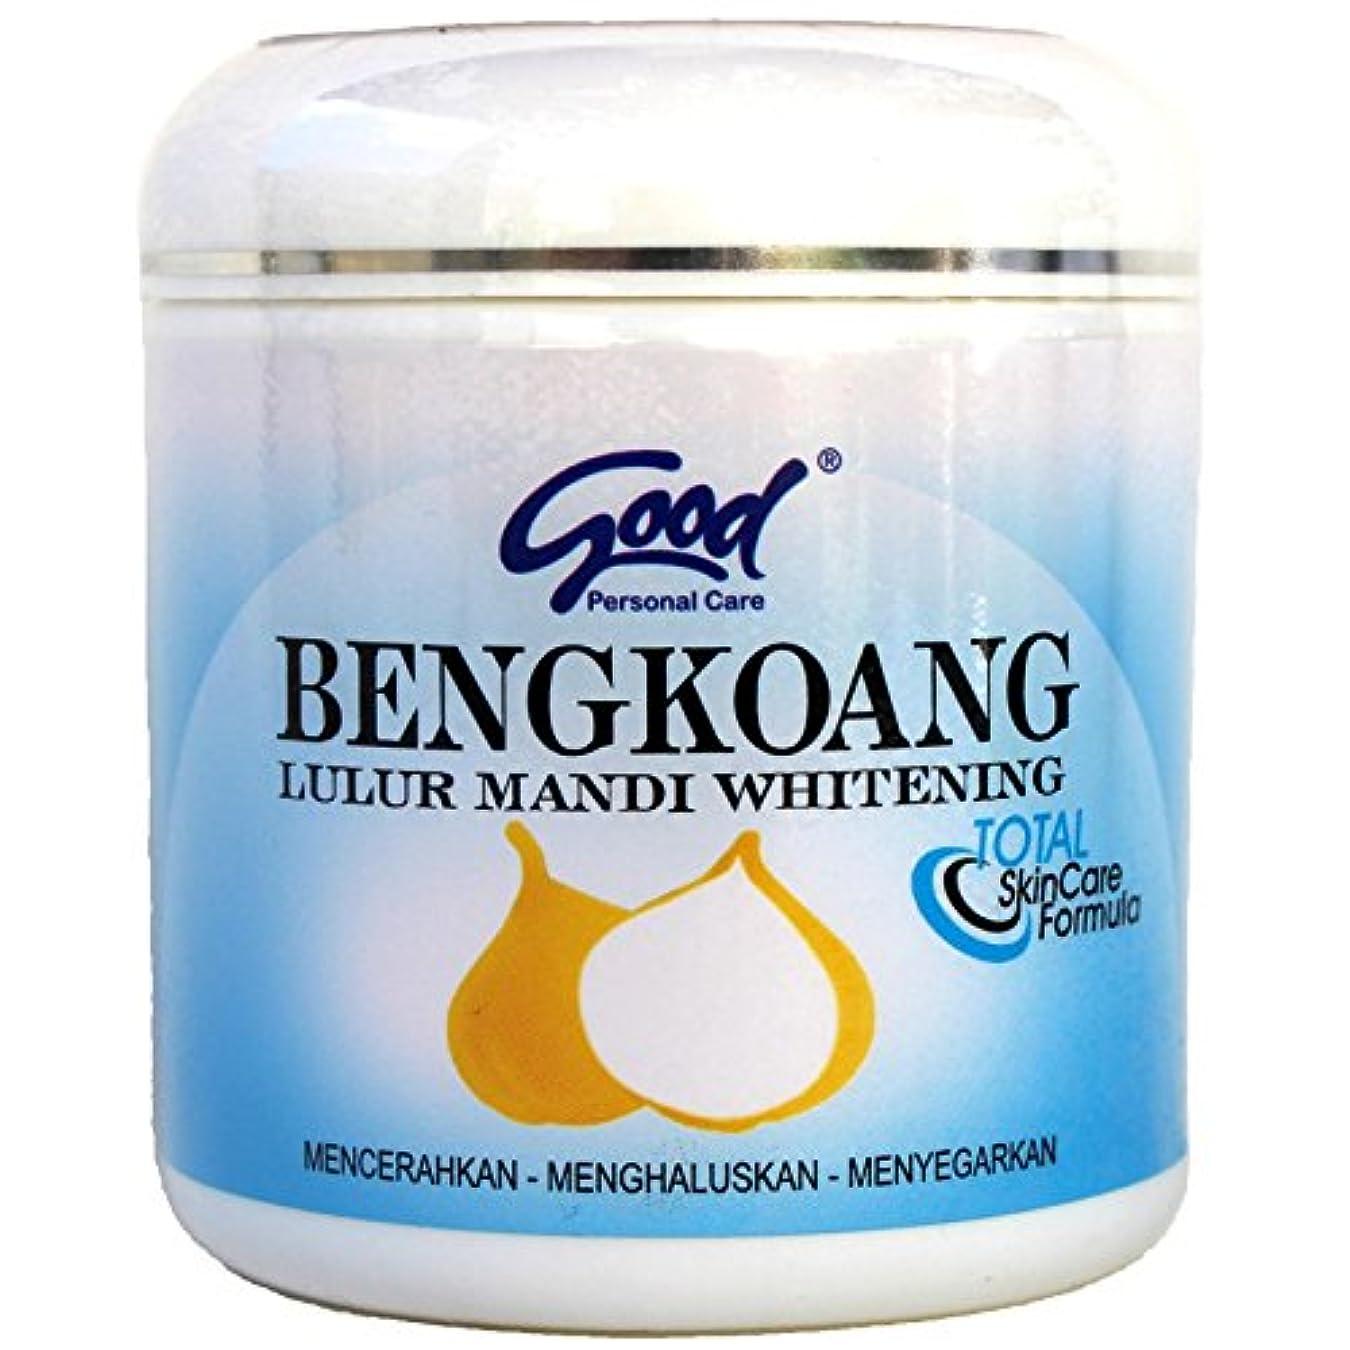 good グッド Lulur Mandi Whitening ルルール マンディ ホワイトニング BENGKOANG ブンコアン 200g / マンディルルール ボディピーリング ボディトリートメント [海外直送品]